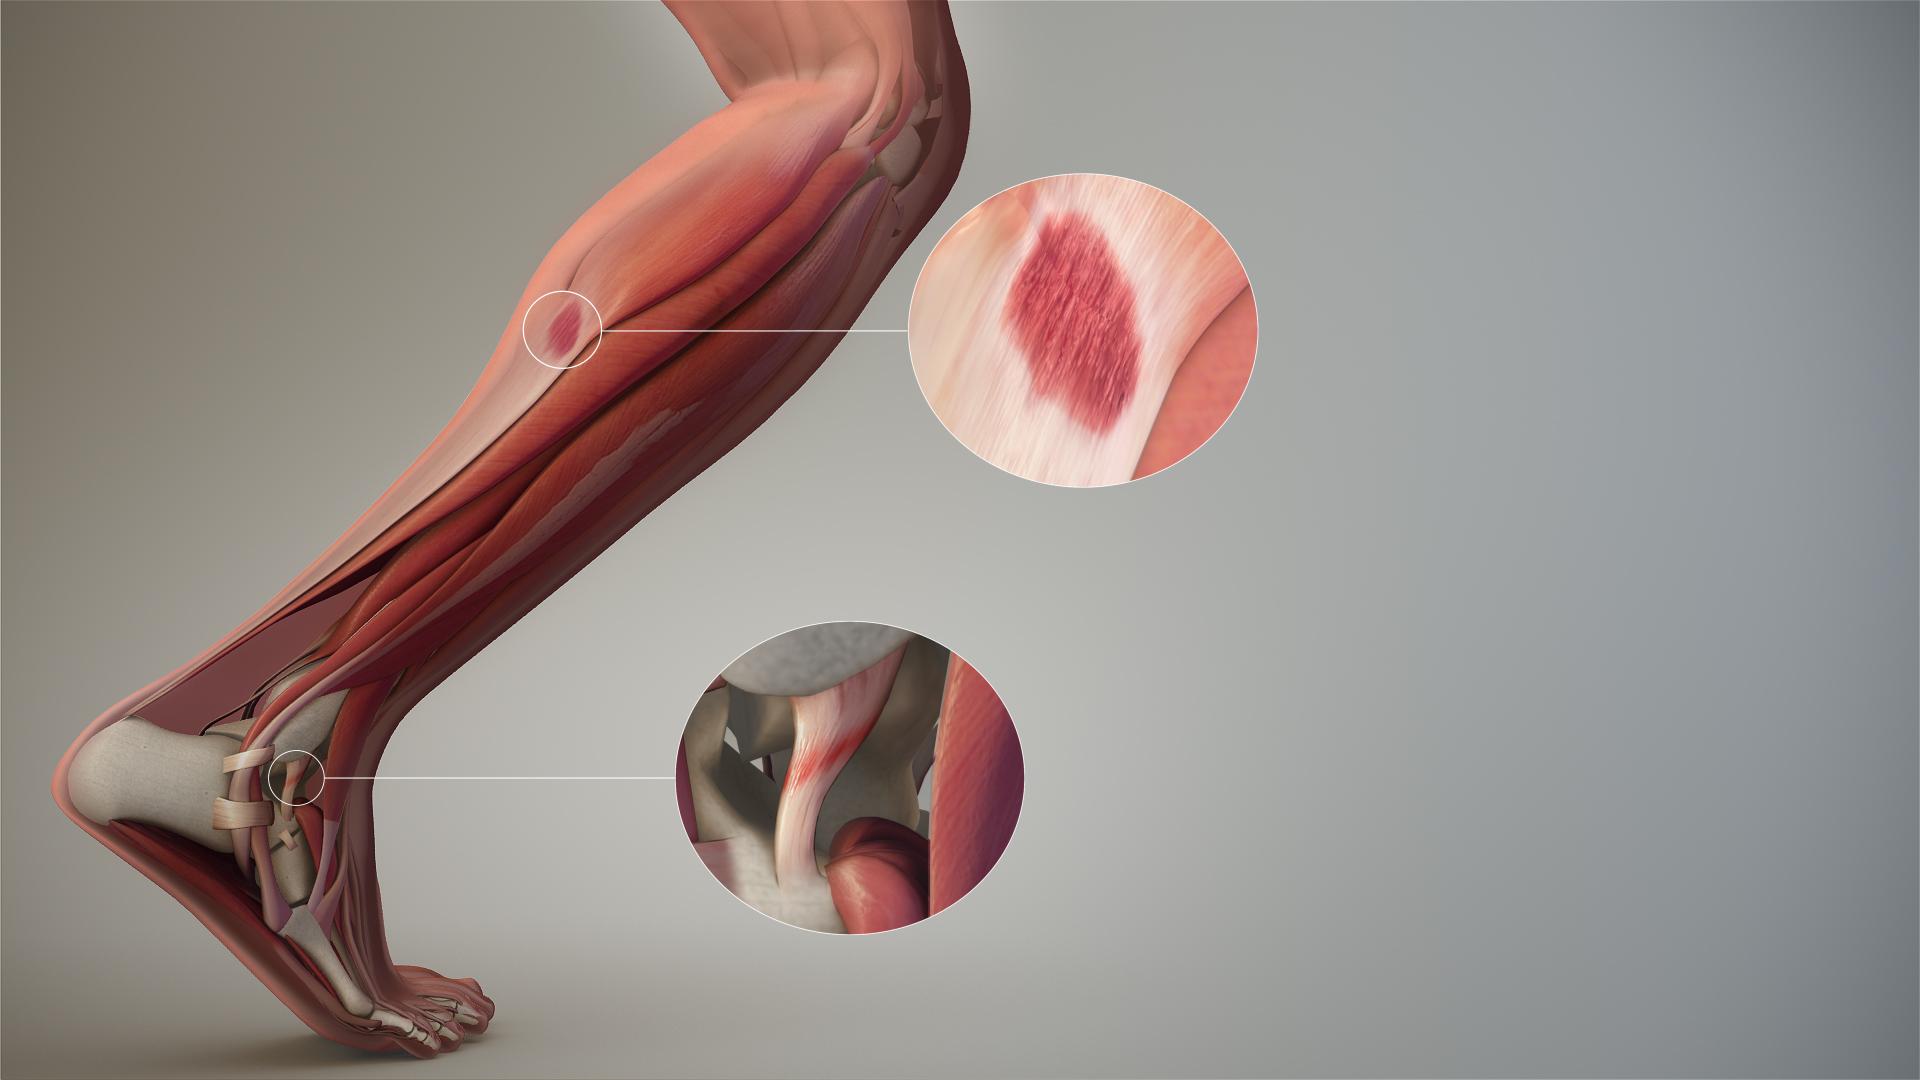 remedii eficiente pentru durerea articulațiilor genunchiului